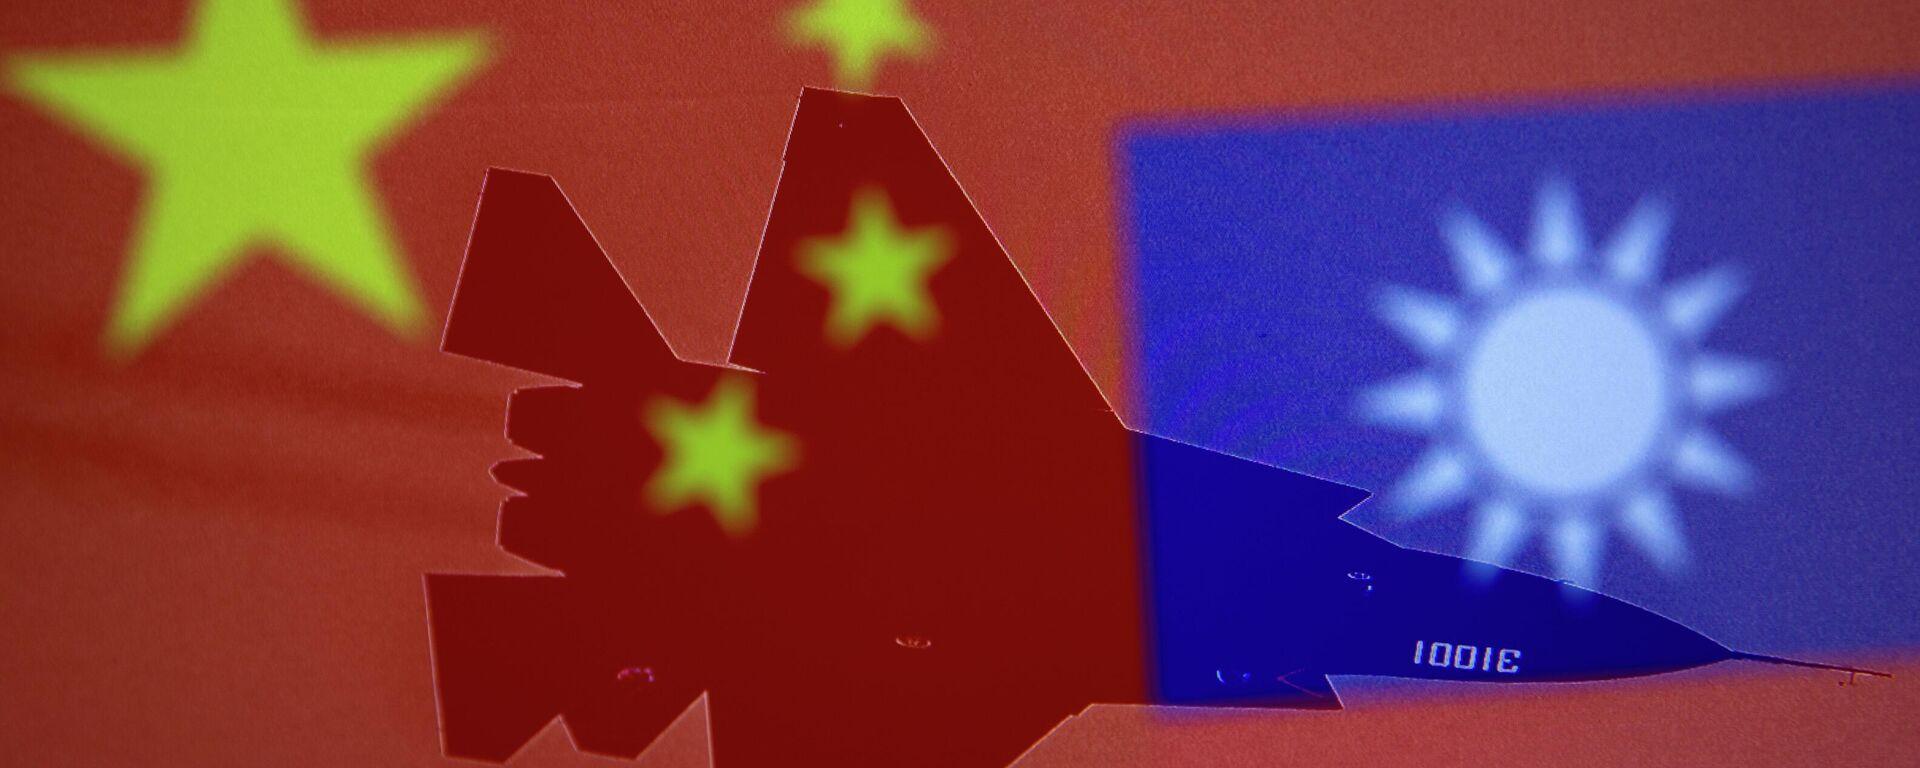 Eine chinesische und eine taiwanesische Flagge mit einem MIlitärflugzeug im Hintergrund - SNA, 1920, 05.10.2021